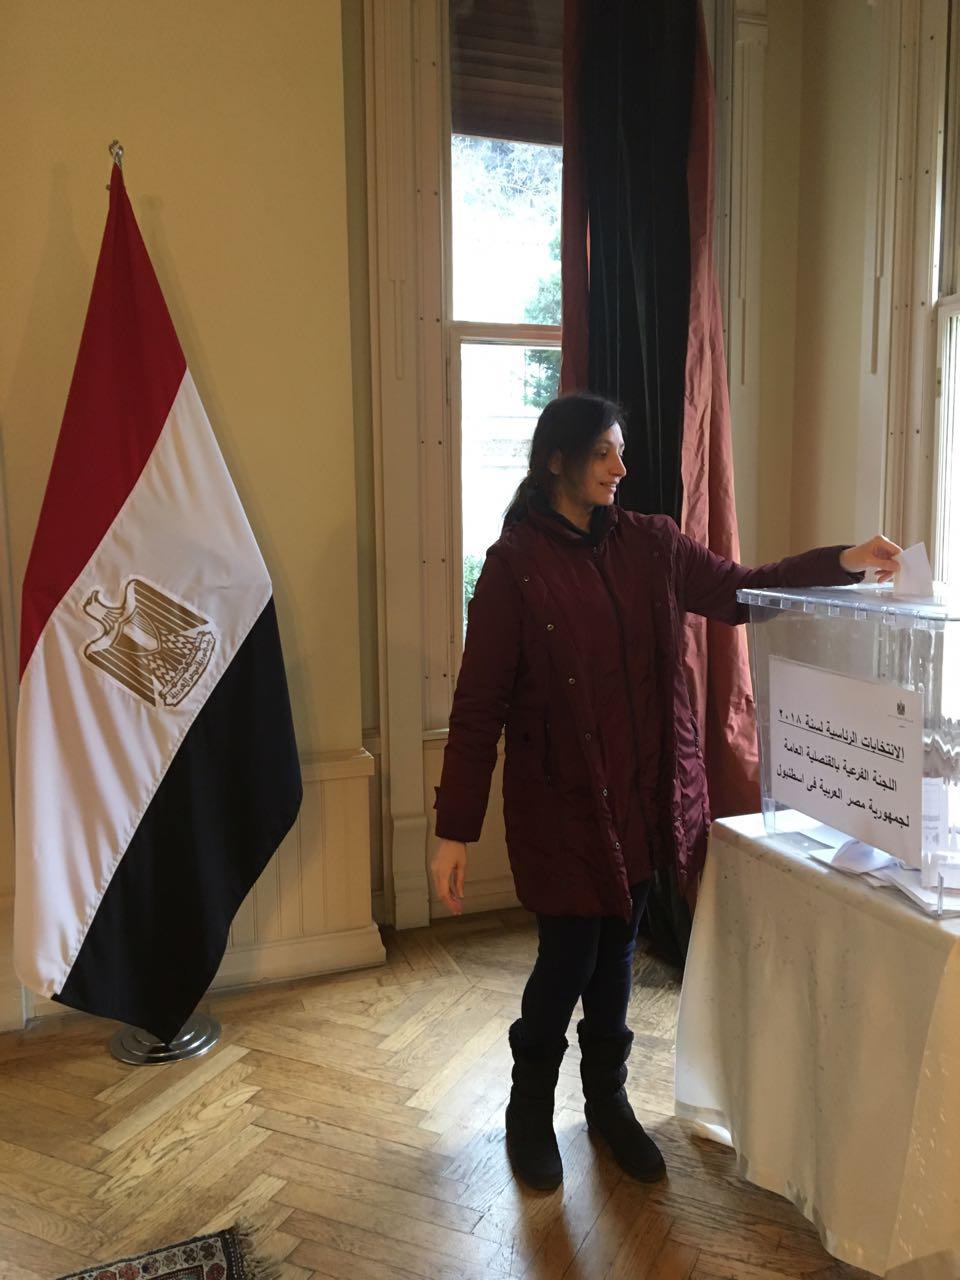 فتاة مصرية تدلى بصوتها فى القنصلية